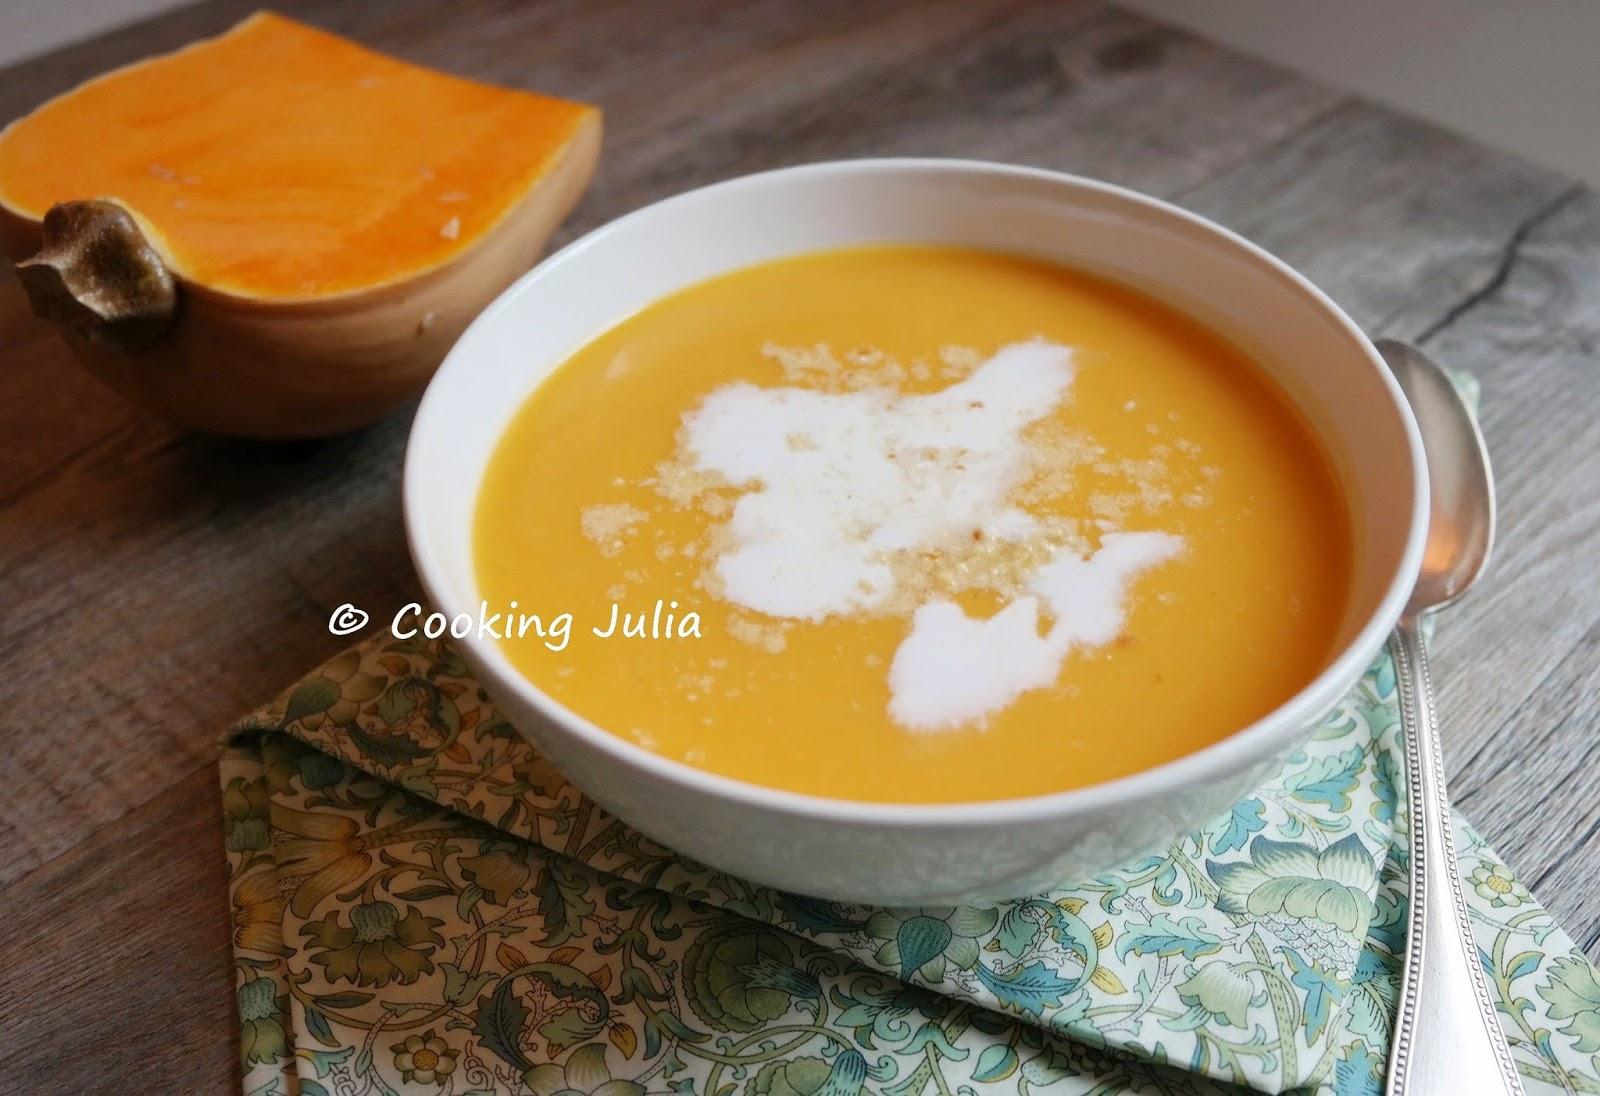 Cooking julia velout de butternut au lait de coco - Soupe butternut thermomix ...